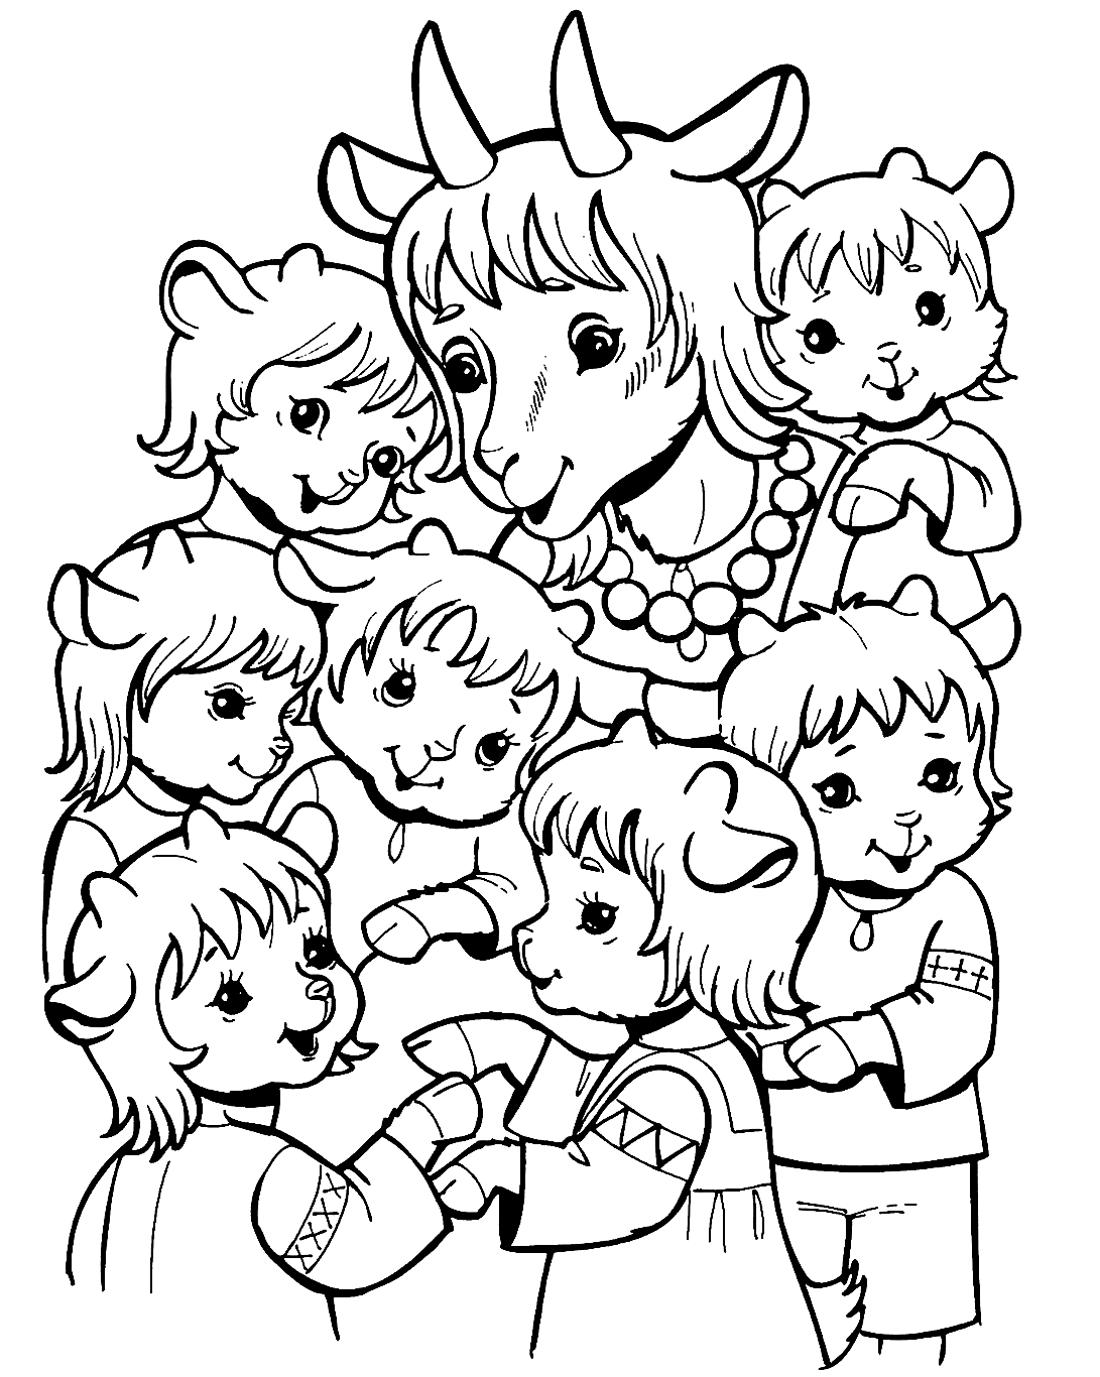 Мама с козлятами - раскраска №816 | Printonic.ru